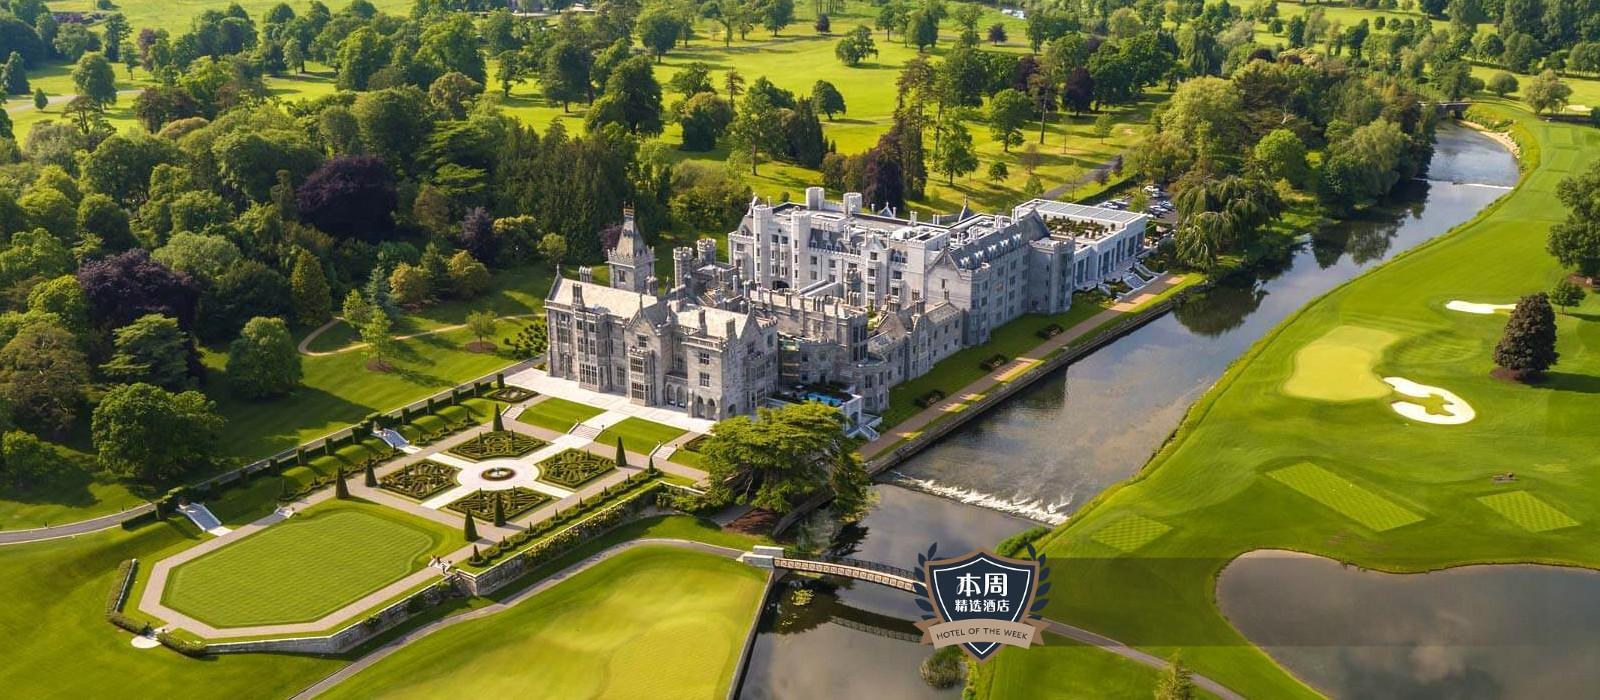 阿黛爾莊園高爾夫度假酒店(Adare Manor)【 利默里克郡,愛爾蘭】 酒店  www.yisecj.live